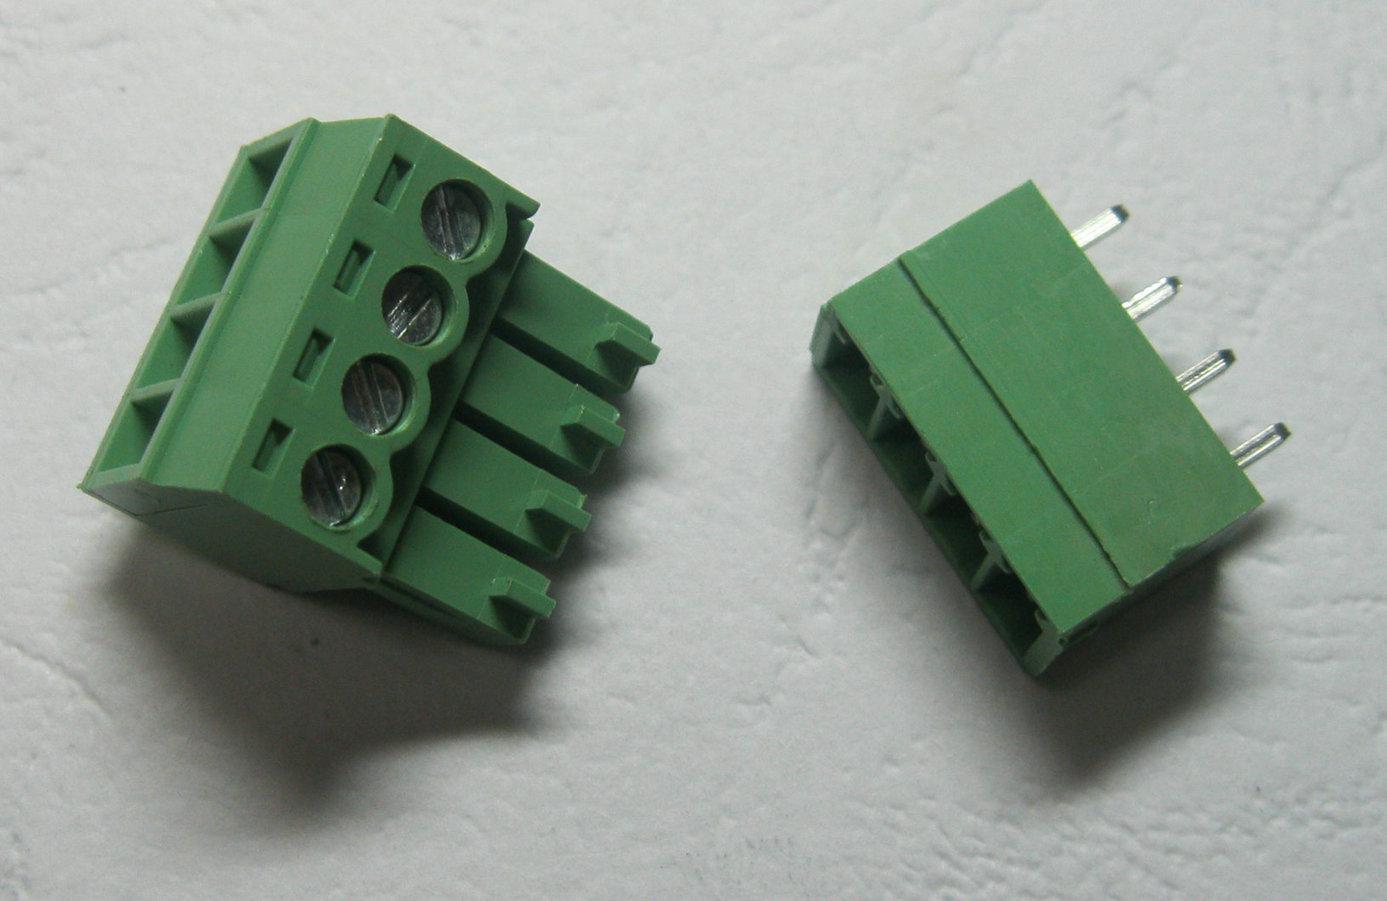 120 pezzi Verde 4 pin 3,5 millimetri morsetto a vite Blocco connettore Pluggable Tipo di alta qualità di vendita CALDA